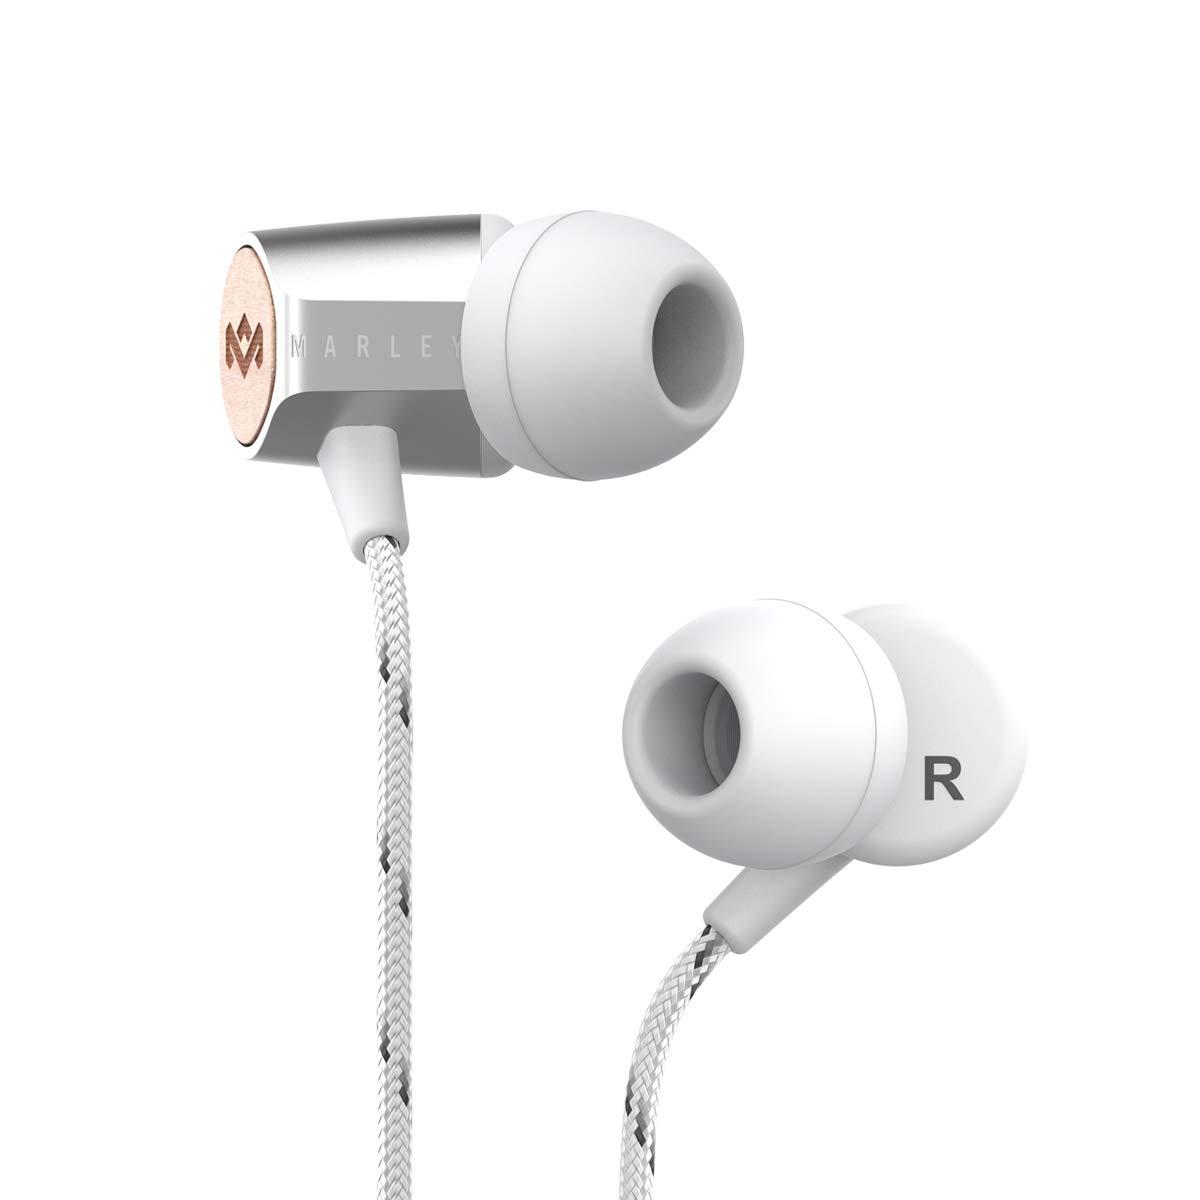 House of Marley Uplift 2.0  -  Sound In-Earヘッドフォン/ヘッドフォン、9 mmドライバー、ハンズフリーシリアルマイク、3つのサイズのイヤープラグを含む1つのボタンコントロール、ぴったりフィットEM-JE091-SV